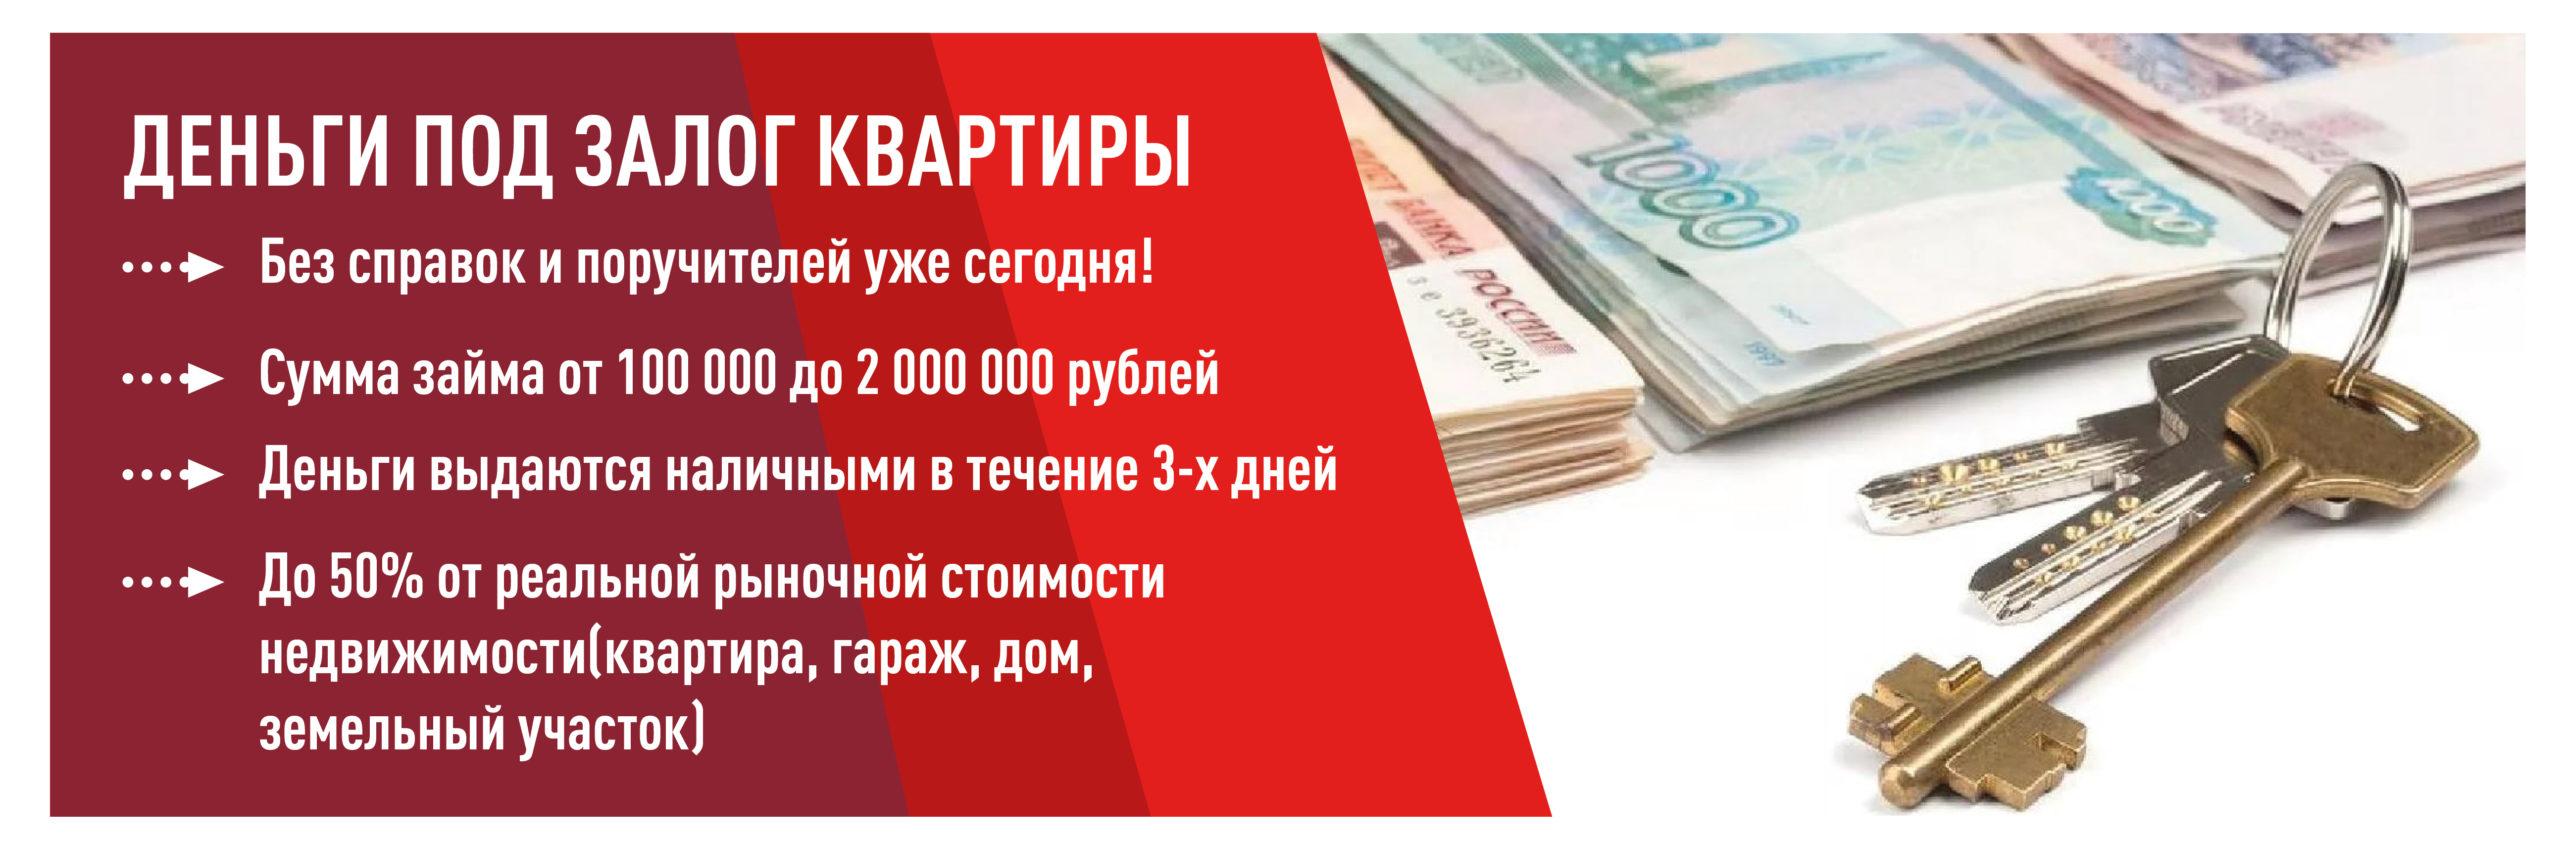 Деньги под залог комнаты в челябинске крупные автосалоны москвы бу автомобили